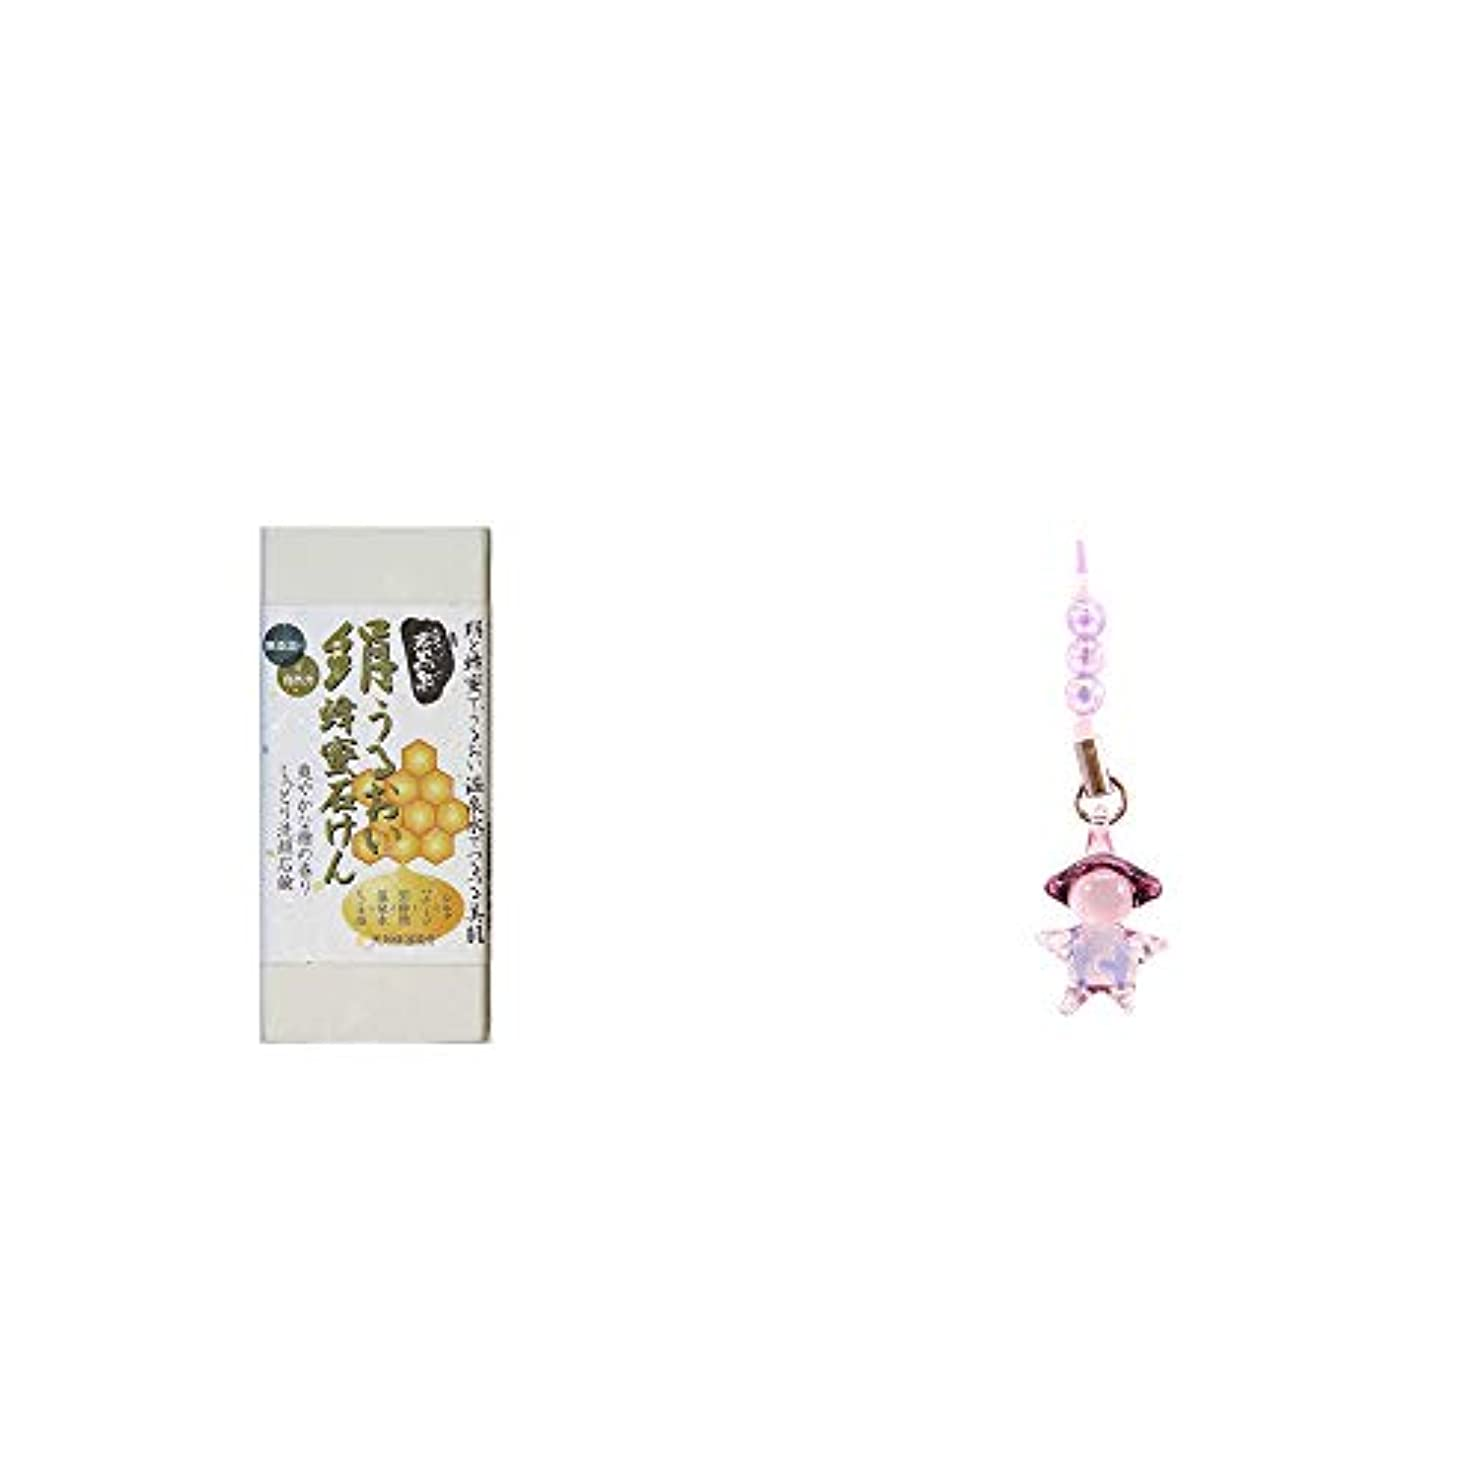 エンティティ四また[2点セット] ひのき炭黒泉 絹うるおい蜂蜜石けん(75g×2)?ガラスのさるぼぼ 手作りキーホルダー 【紫】 /出世運?健やかな長寿祈願?トップを目指す?魔除け//